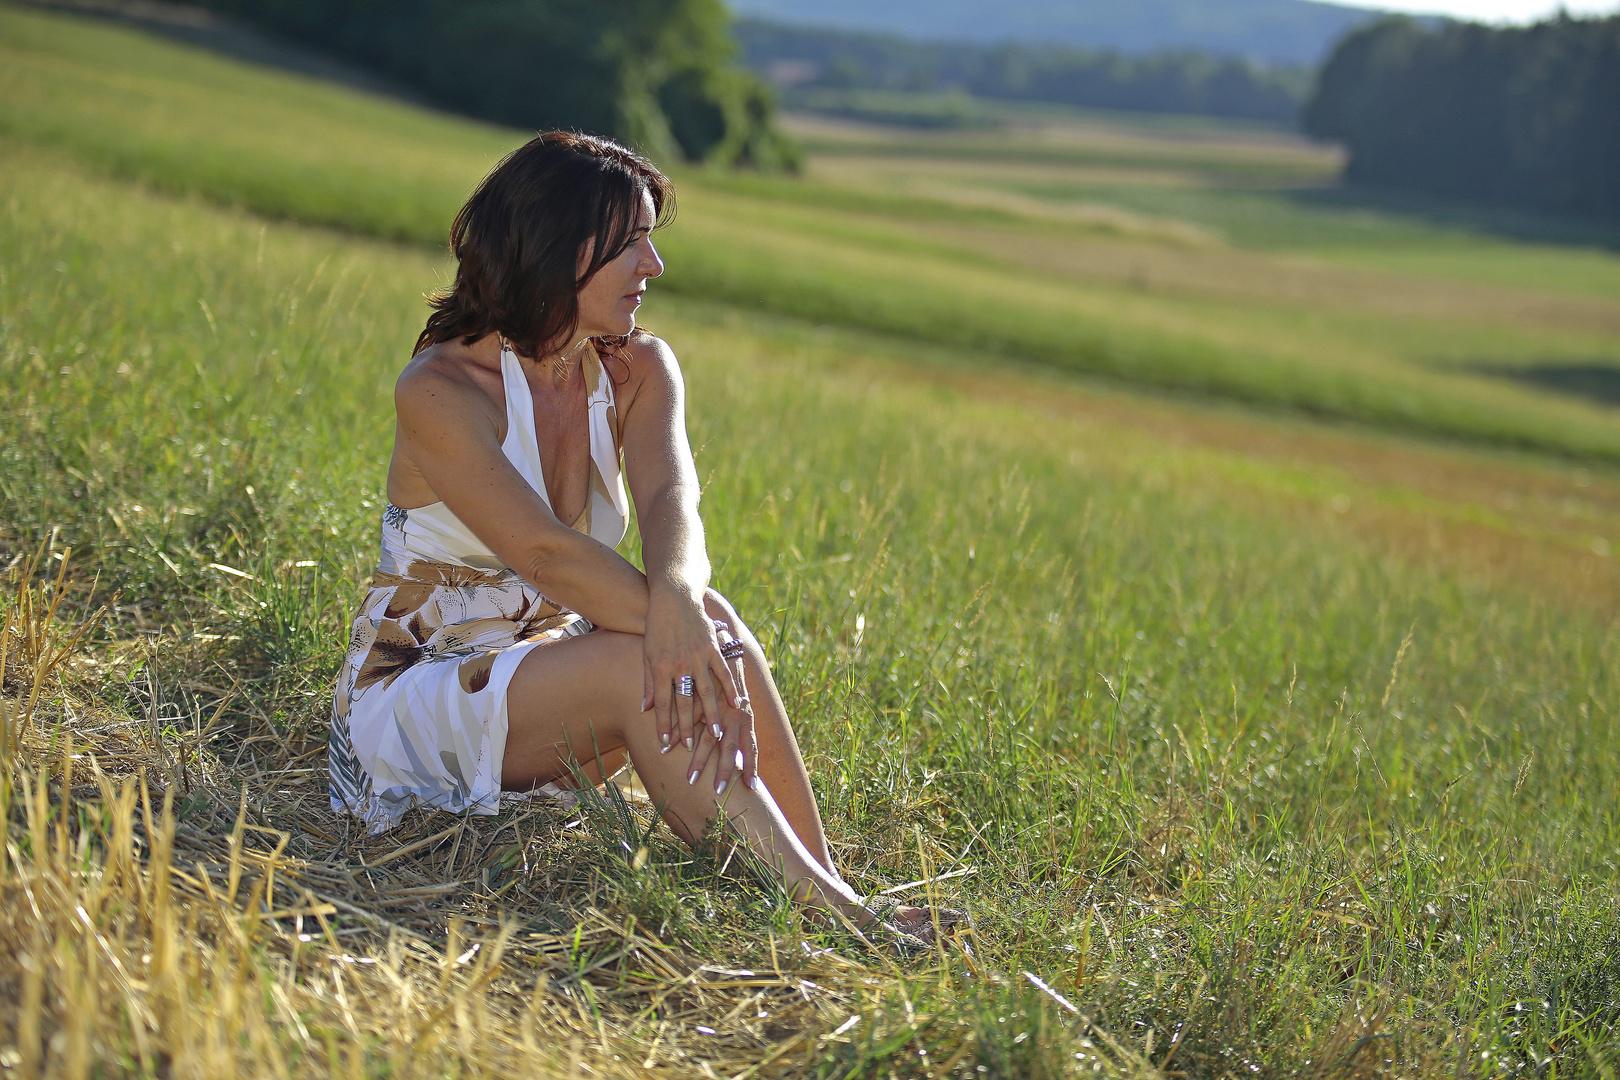 Christa_verträumter Blick ins Land